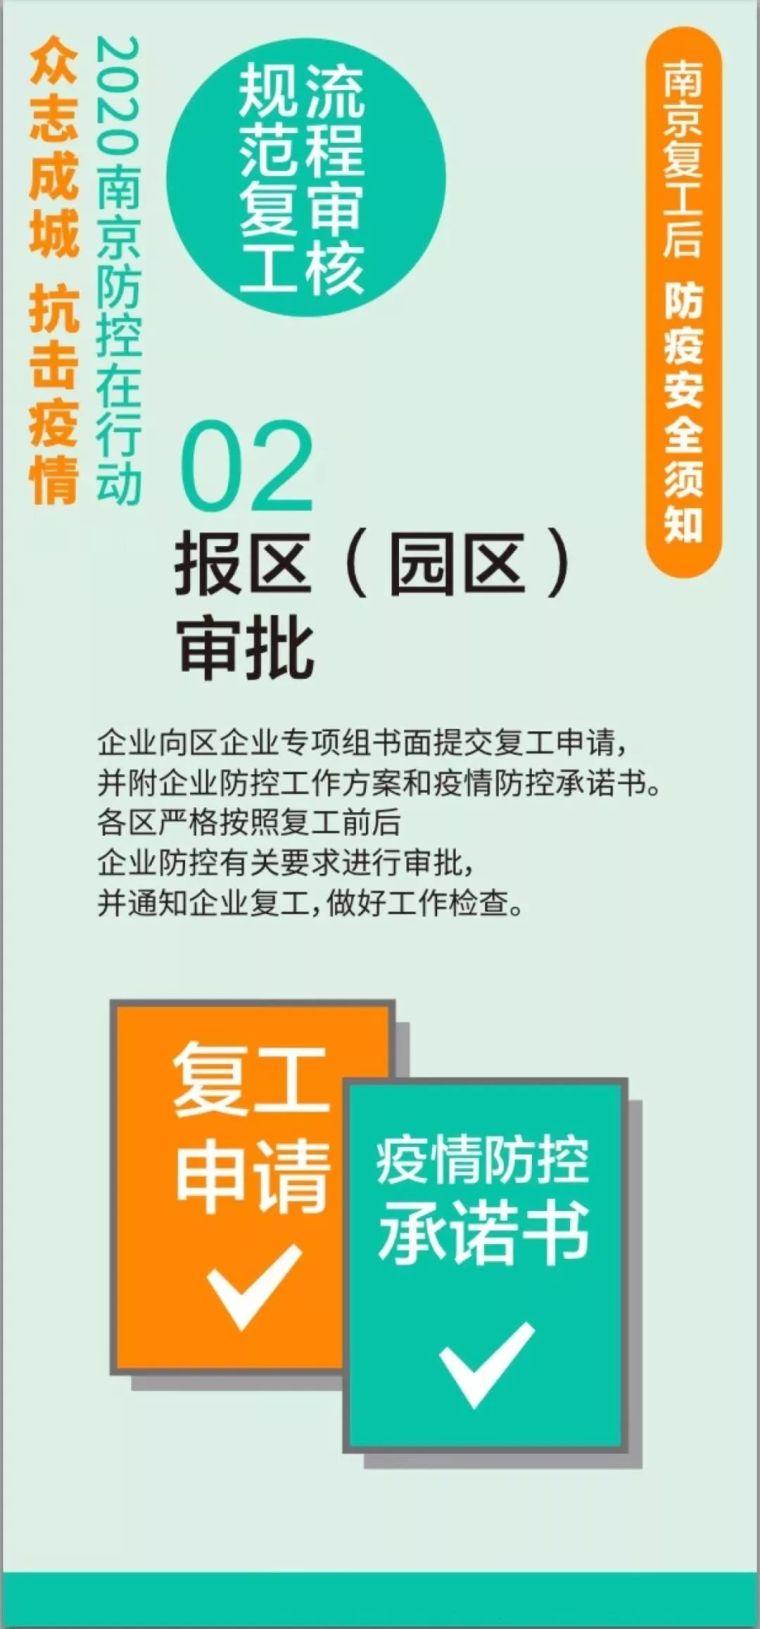 企业复工,防疫安全须知(图解)_25